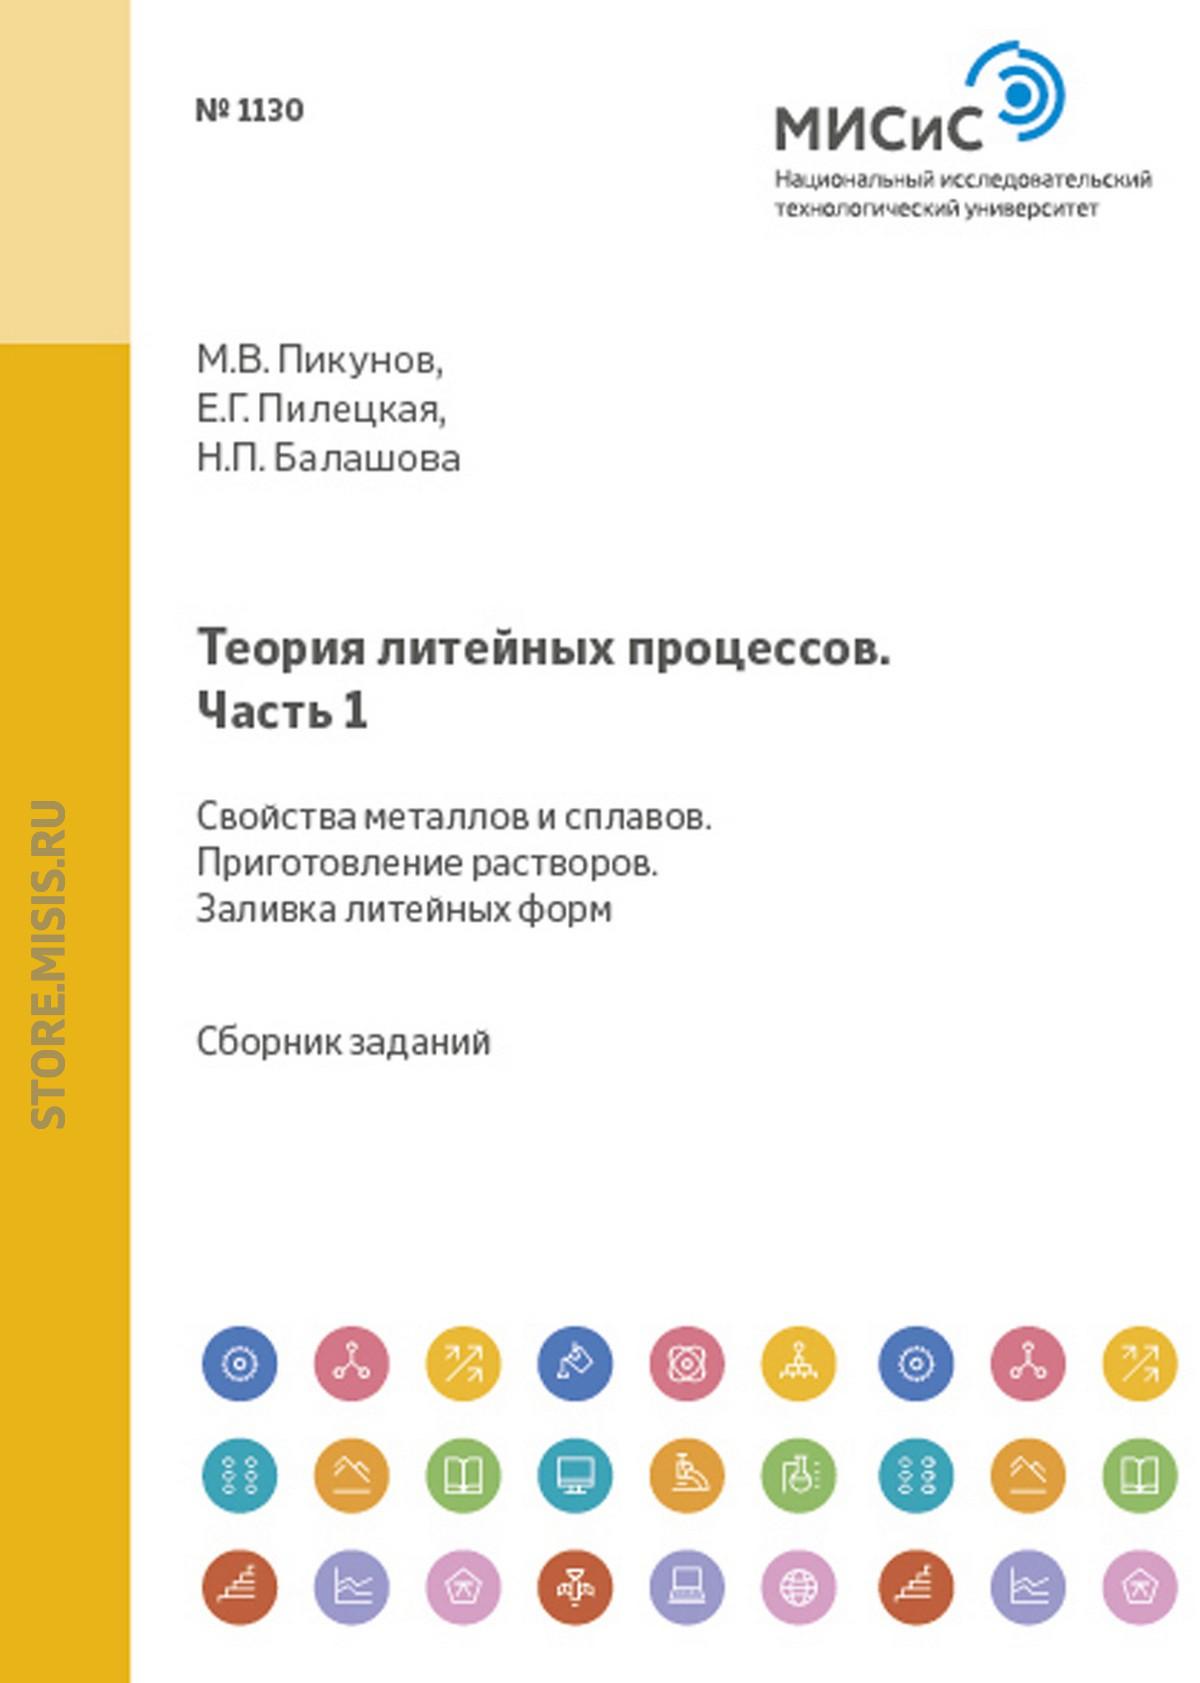 Теория литейных процессов. Часть 1. Свойства металлов и сплавов. Приготовление расплавов. Заливка литейных форм